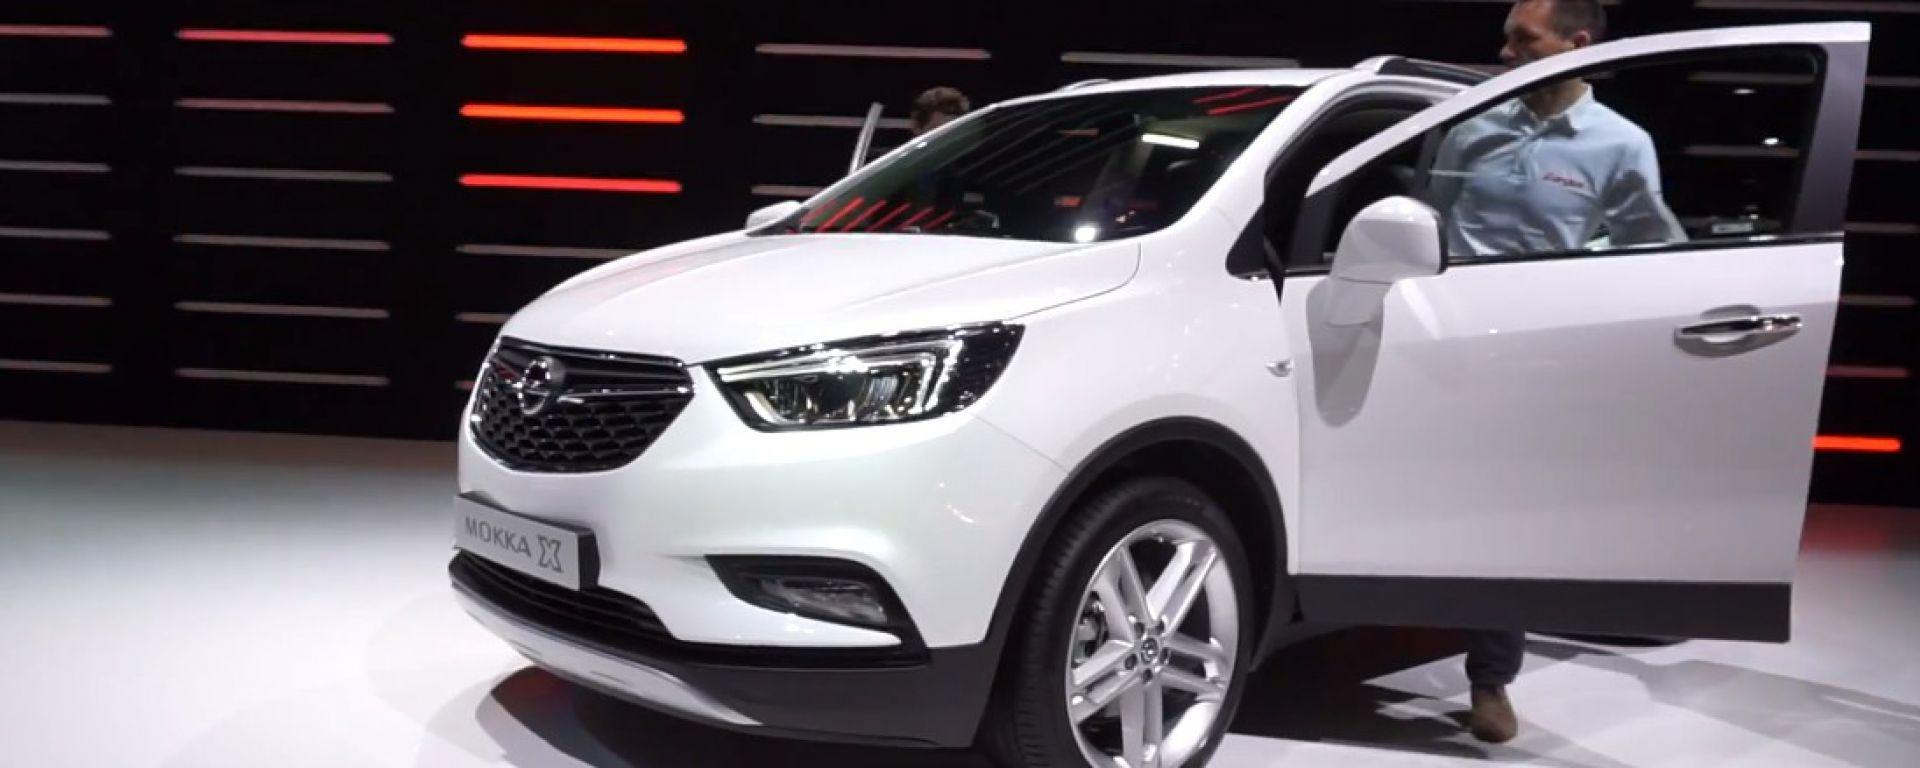 Ginevra 2016: le novità Opel